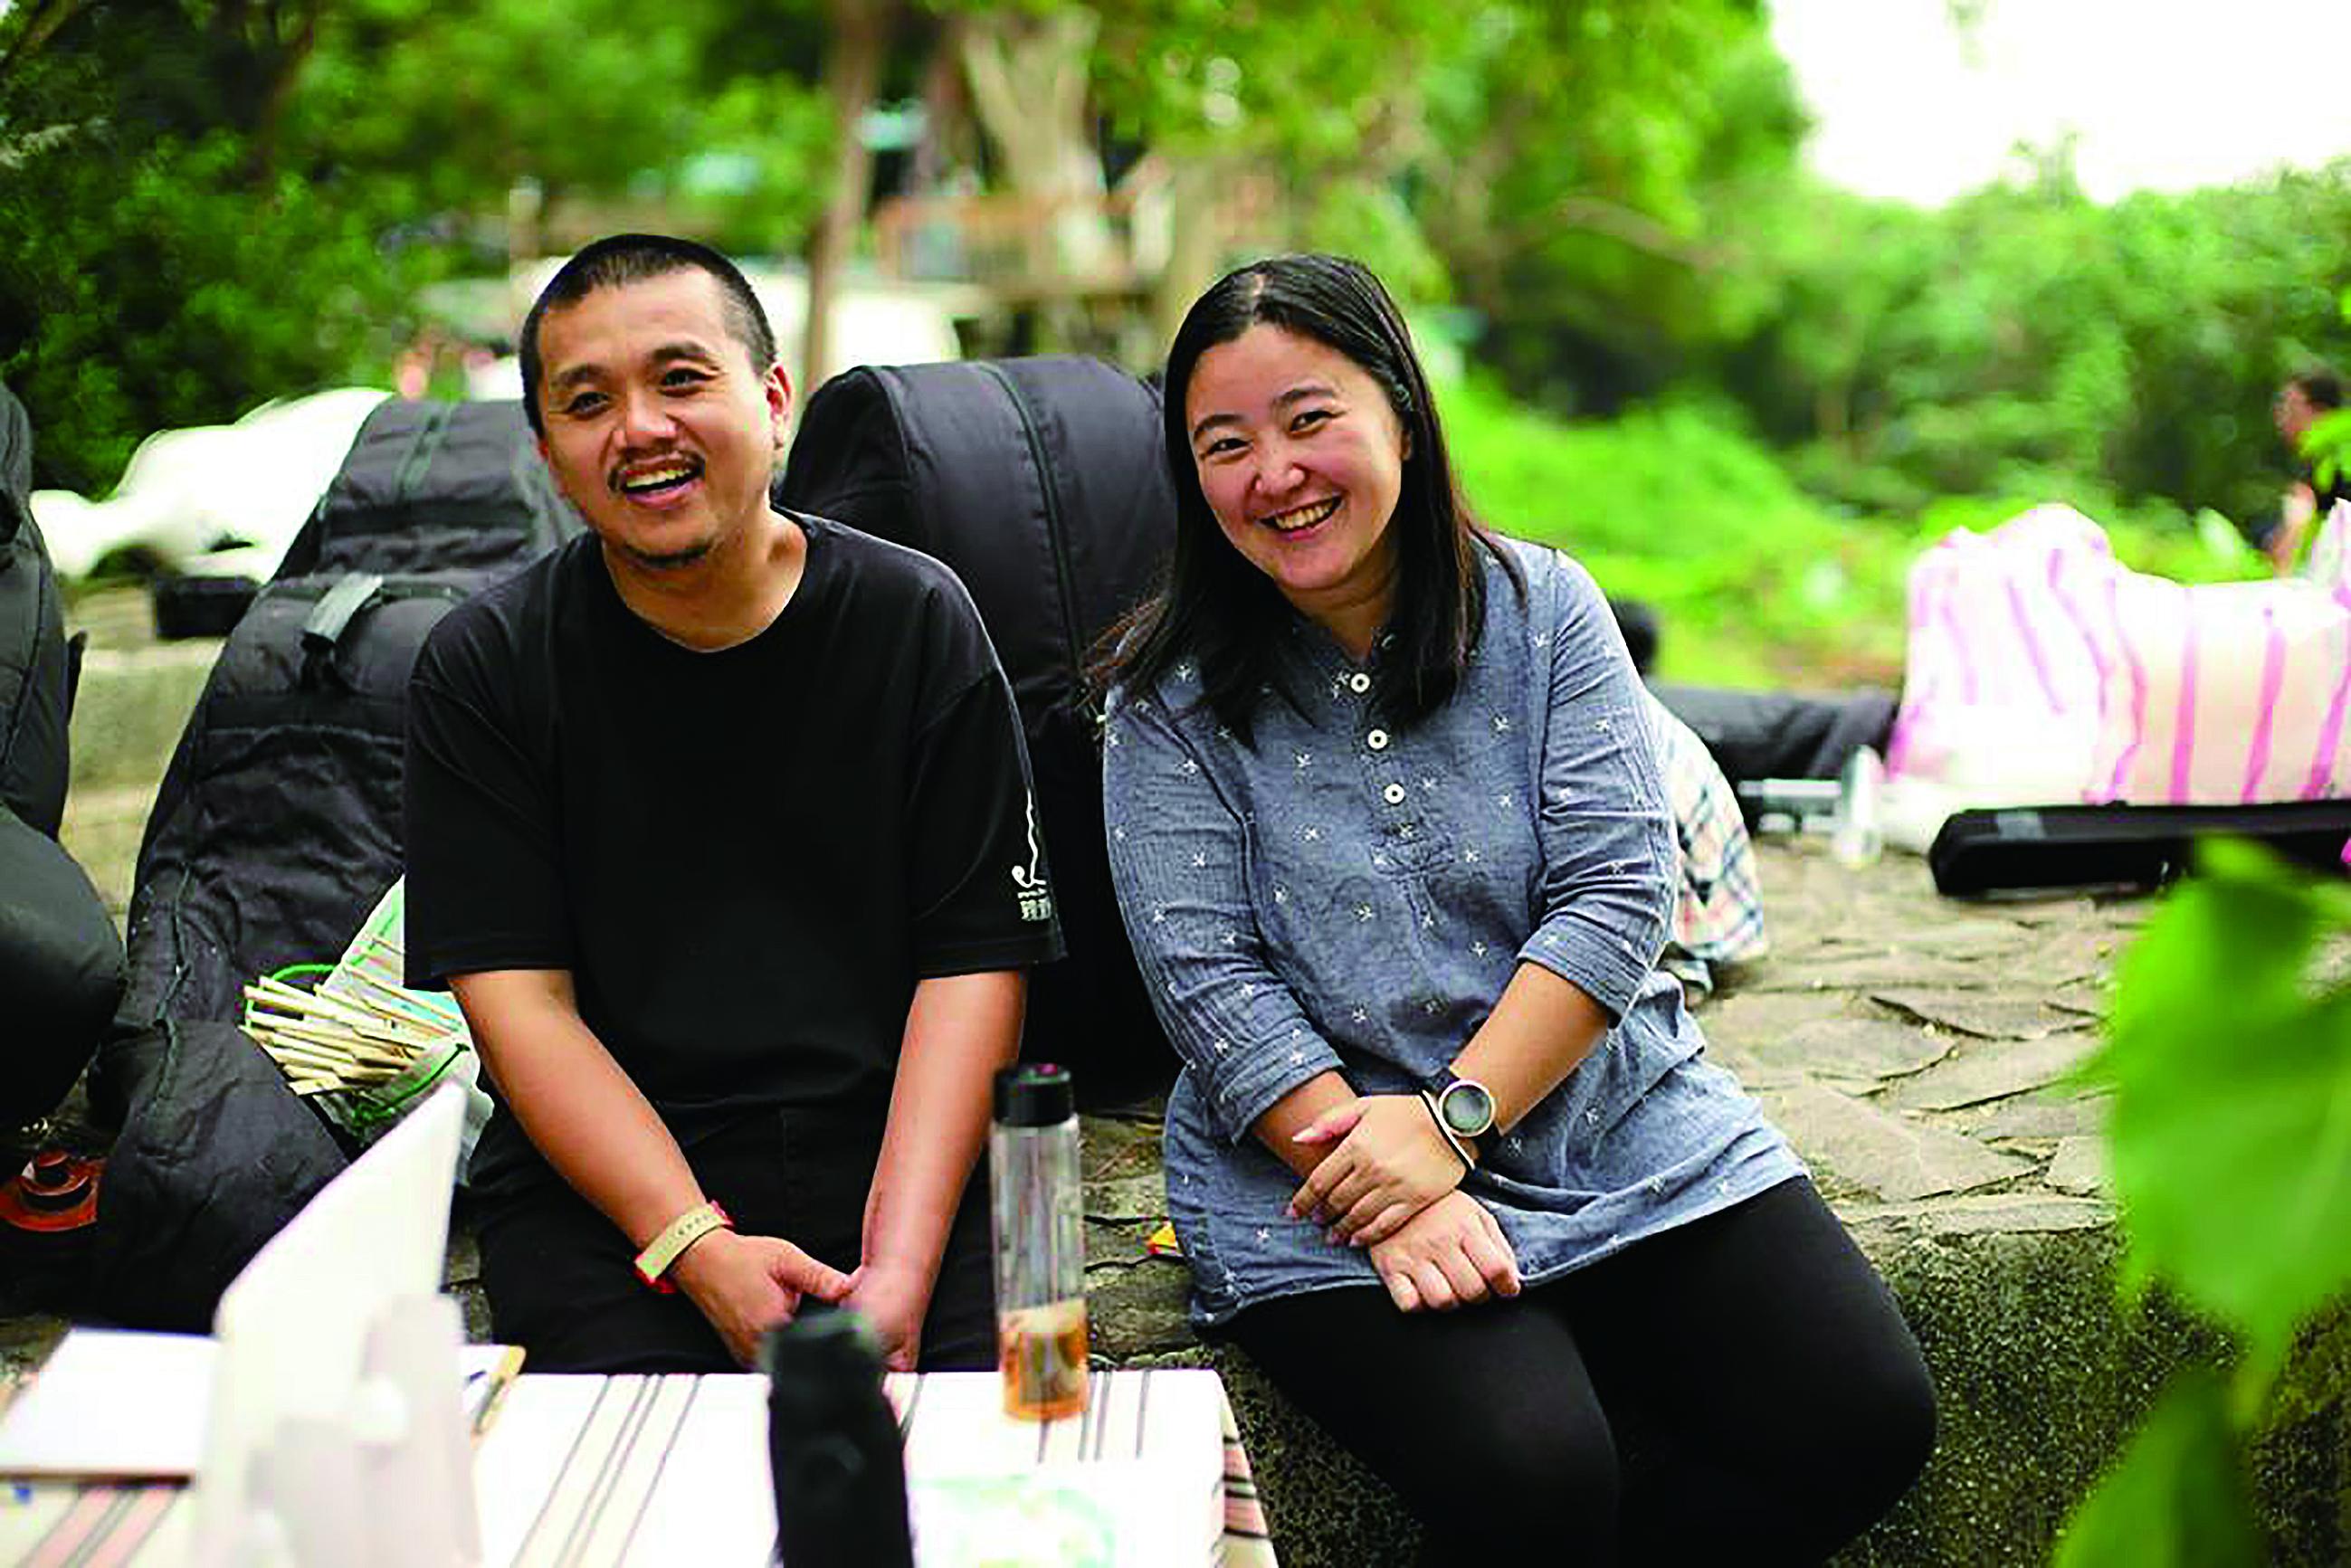 王子建(左)與陳珮雯夫妻檔是親愛愛樂的創辦人,也是互相加油打氣的伴侶。.jpg